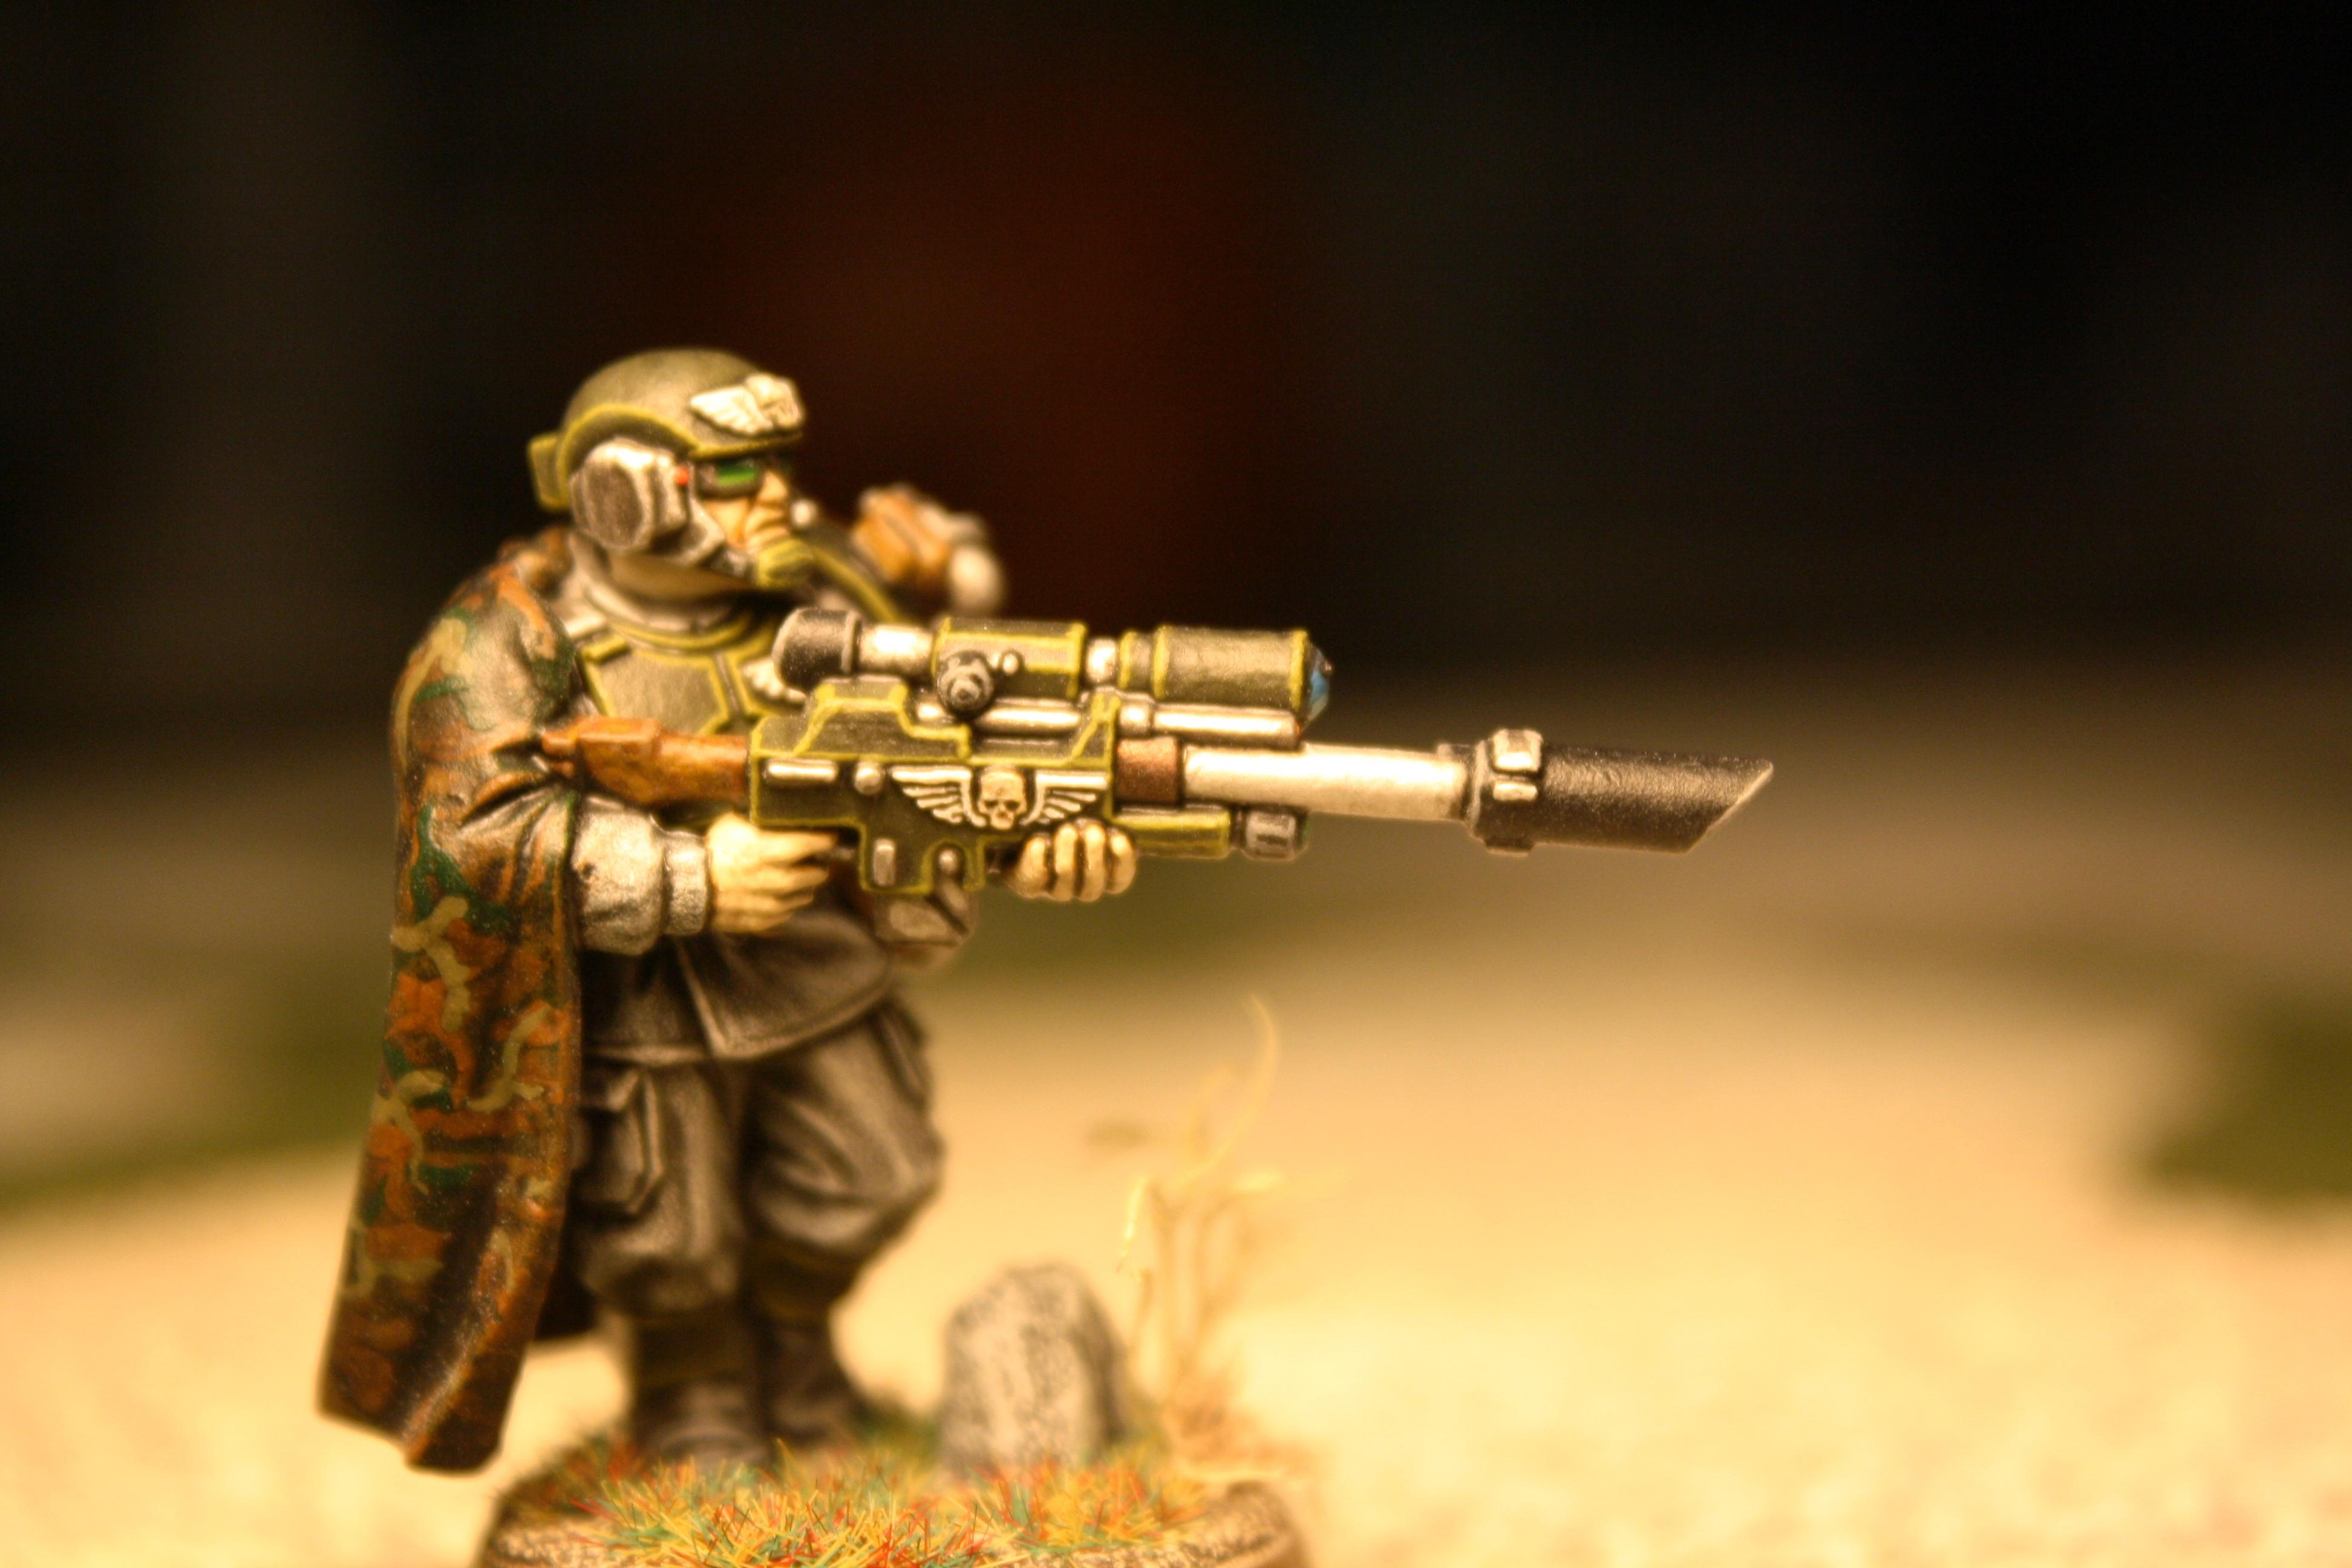 Cadians, Cloak, Snipers